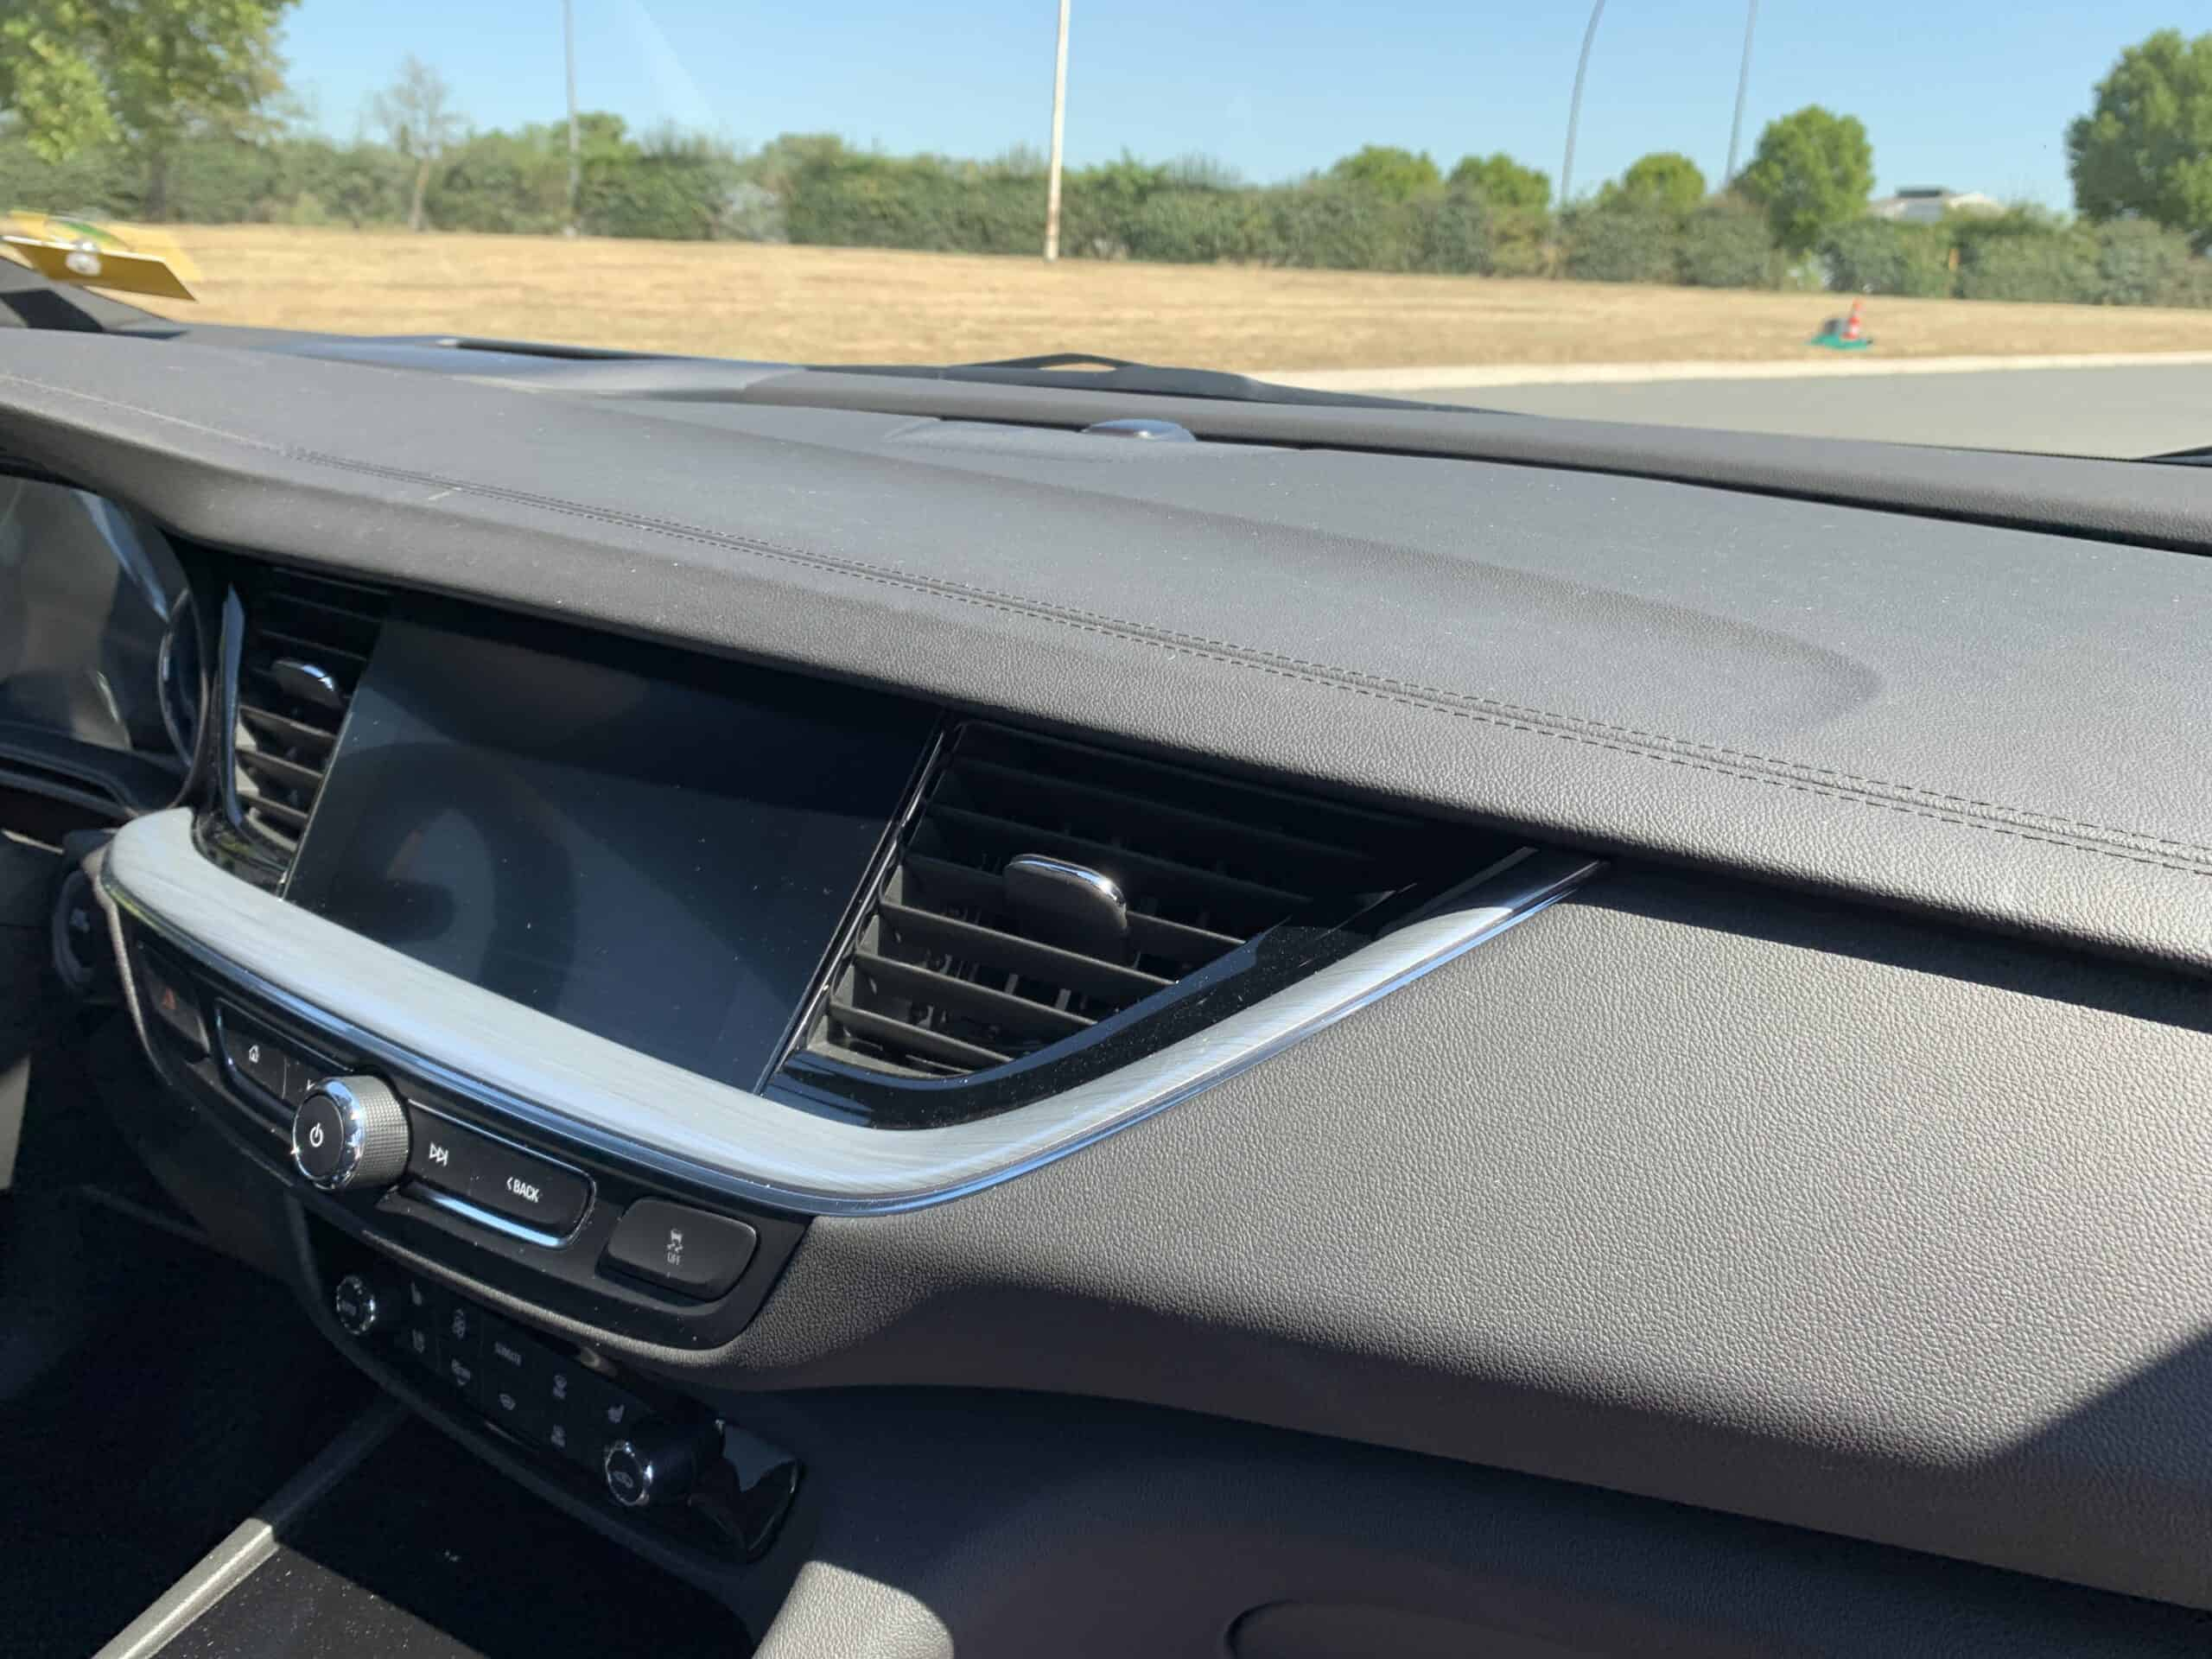 2020 Opel Insignia Sports Tourer (174 PS) - Gutes noch besser gemacht - Test I Review